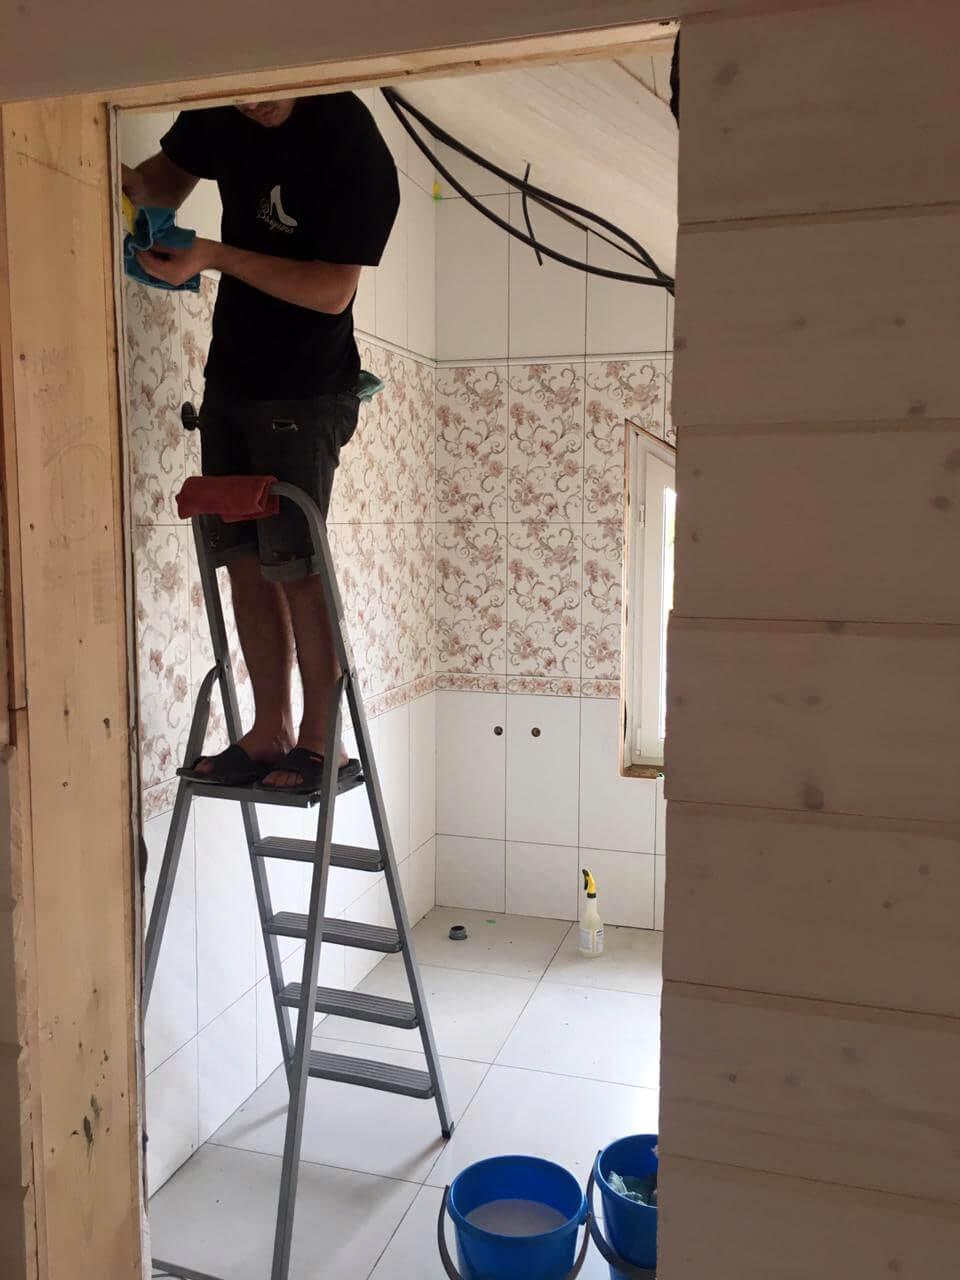 Уборщик на стремянке моет стены комнаты